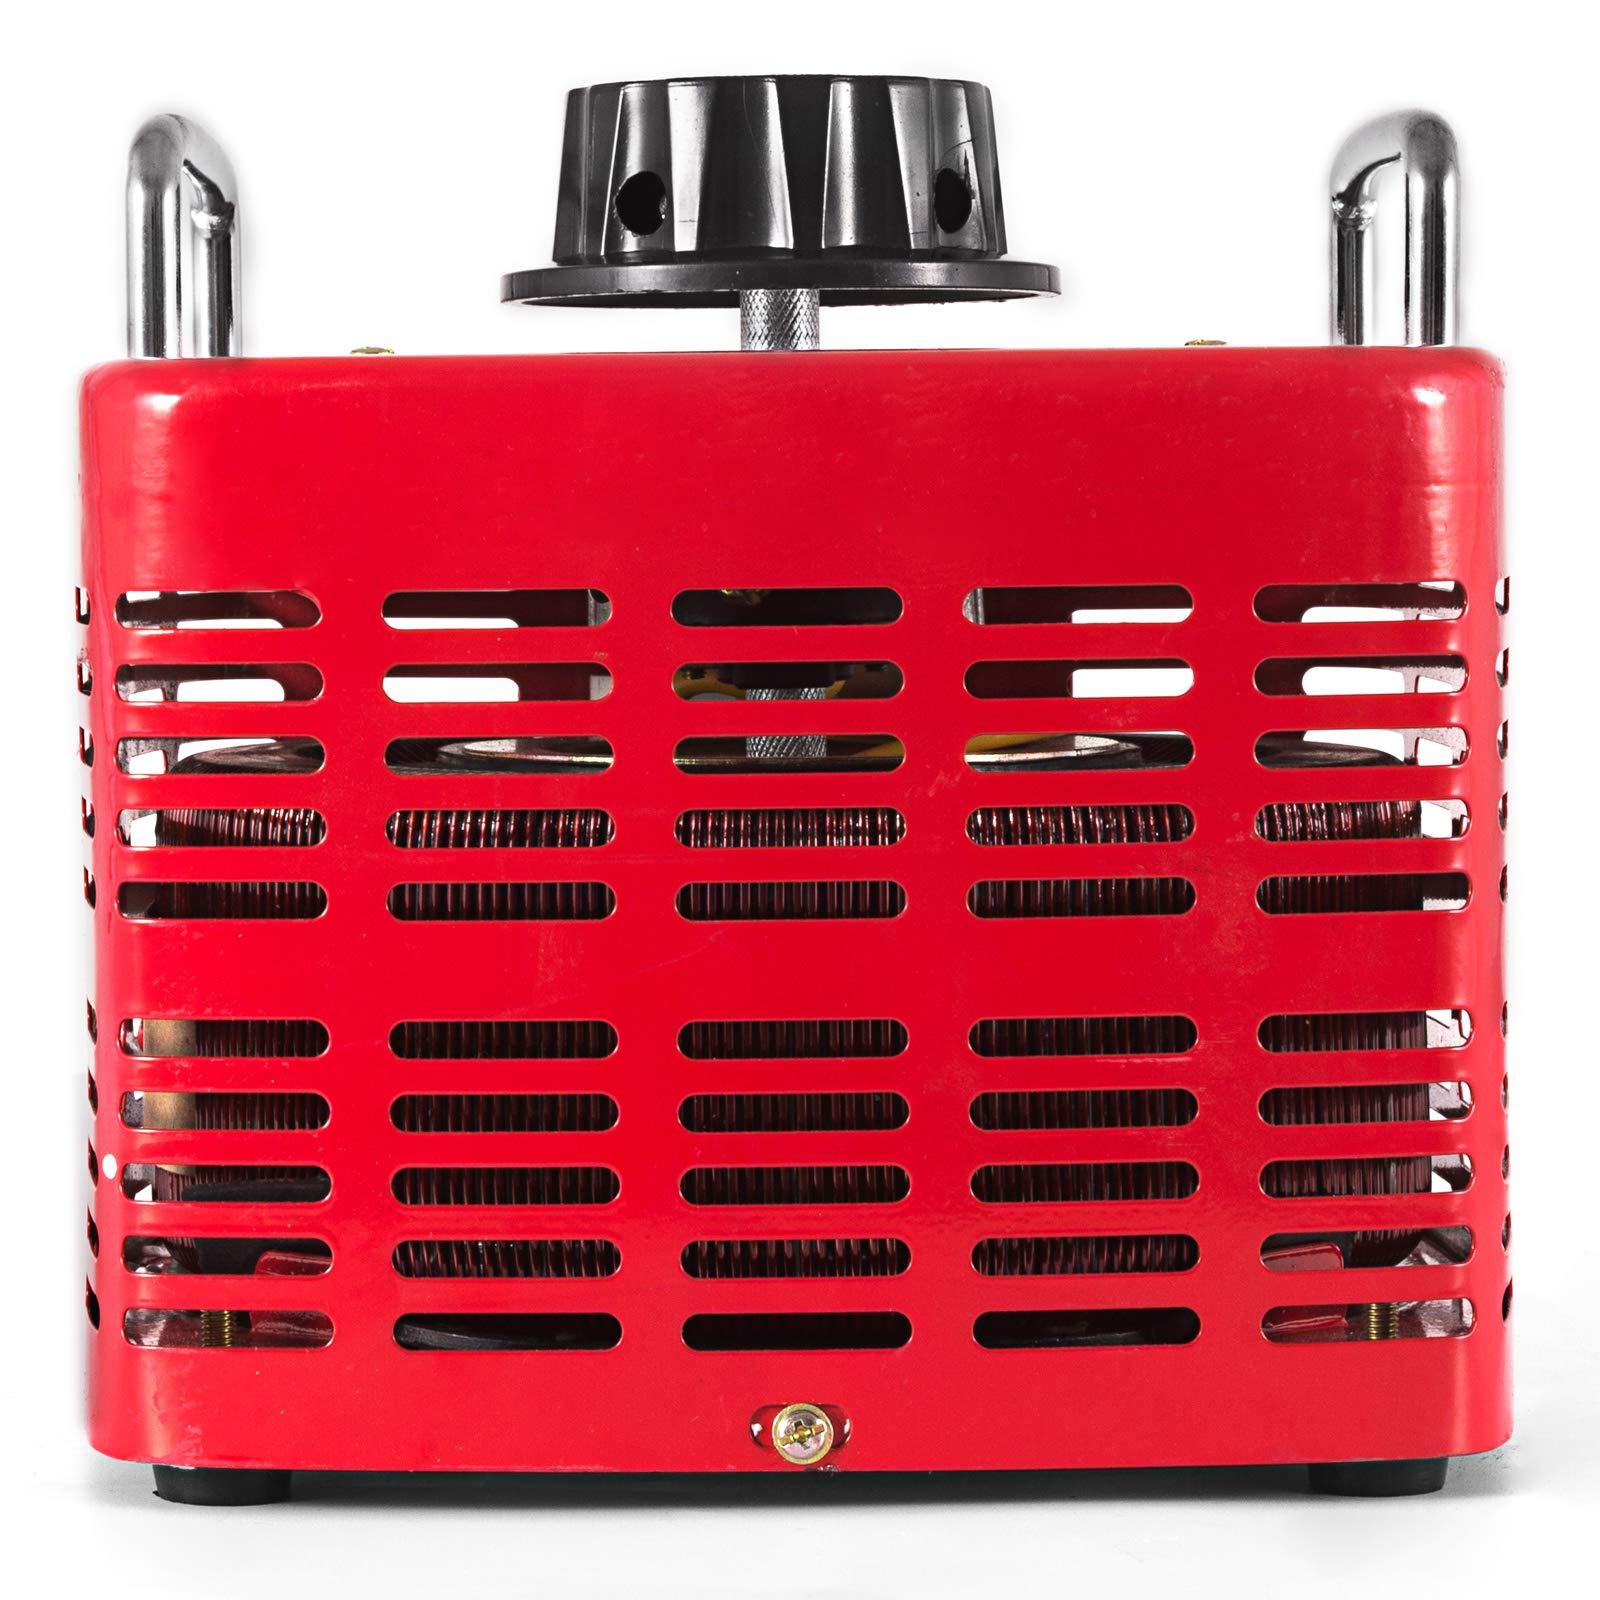 VEVOR 3KVA Transformer Max 30 Amp Variable Transformer 0~130 Volt Output Variable AC Voltage Regulator for Industries Equipment Appliances by VEVOR (Image #5)